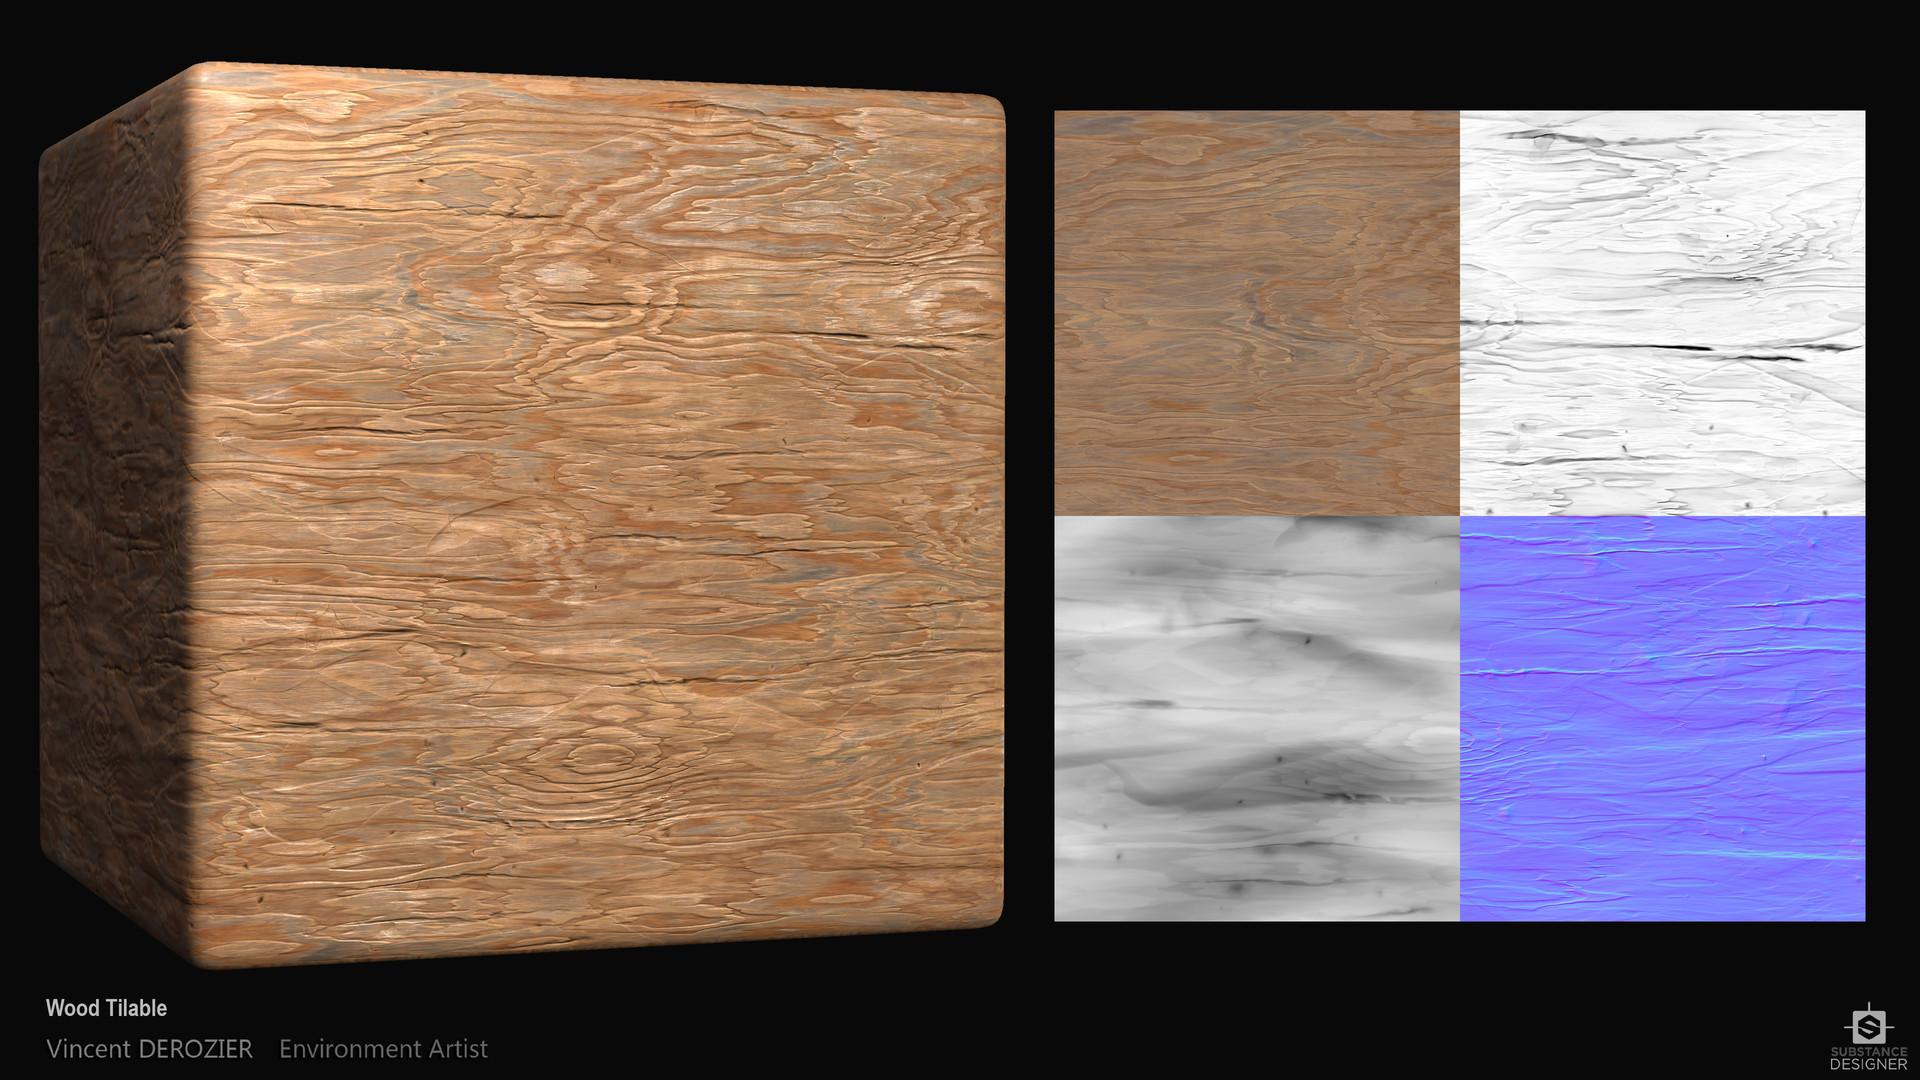 Vincent derozier wood tilable render1